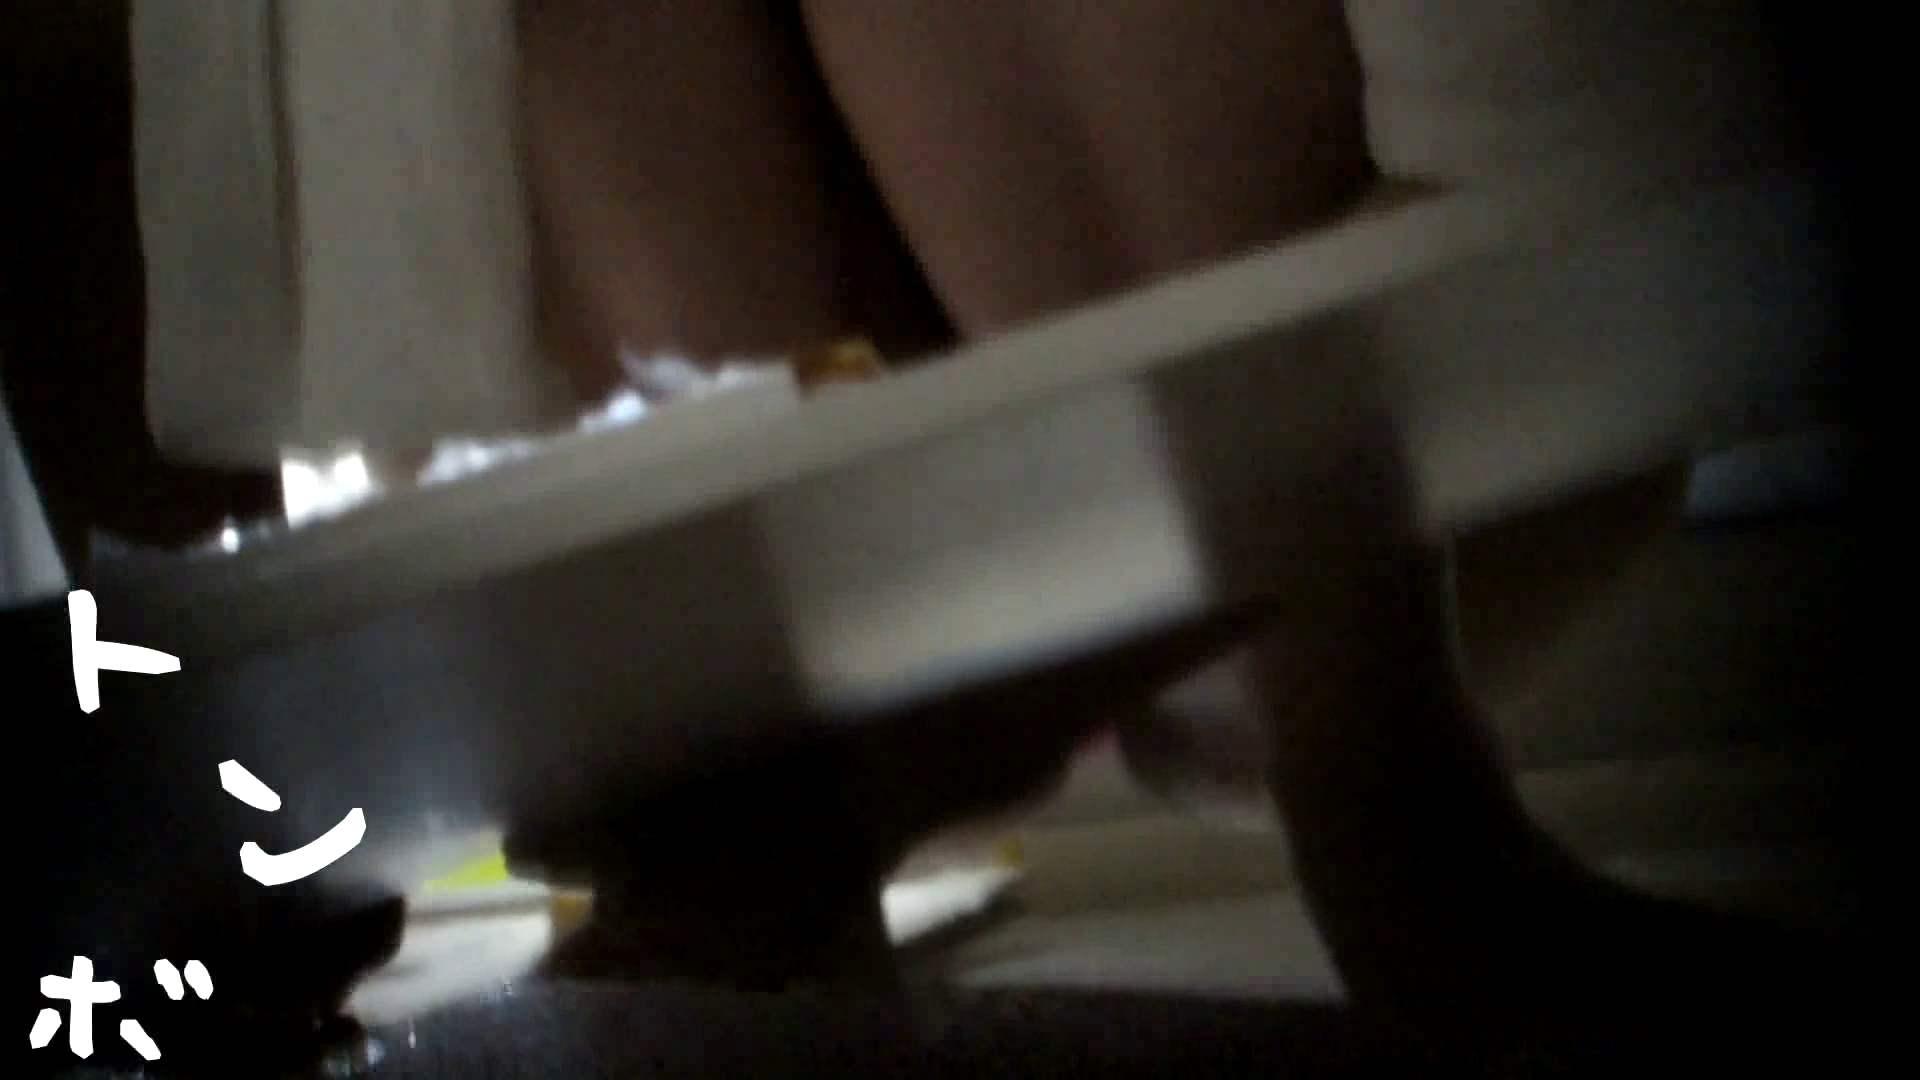 リアル盗撮 清楚なお女市さんのマル秘私生活① 隠れた名作 ワレメ動画紹介 79枚 76